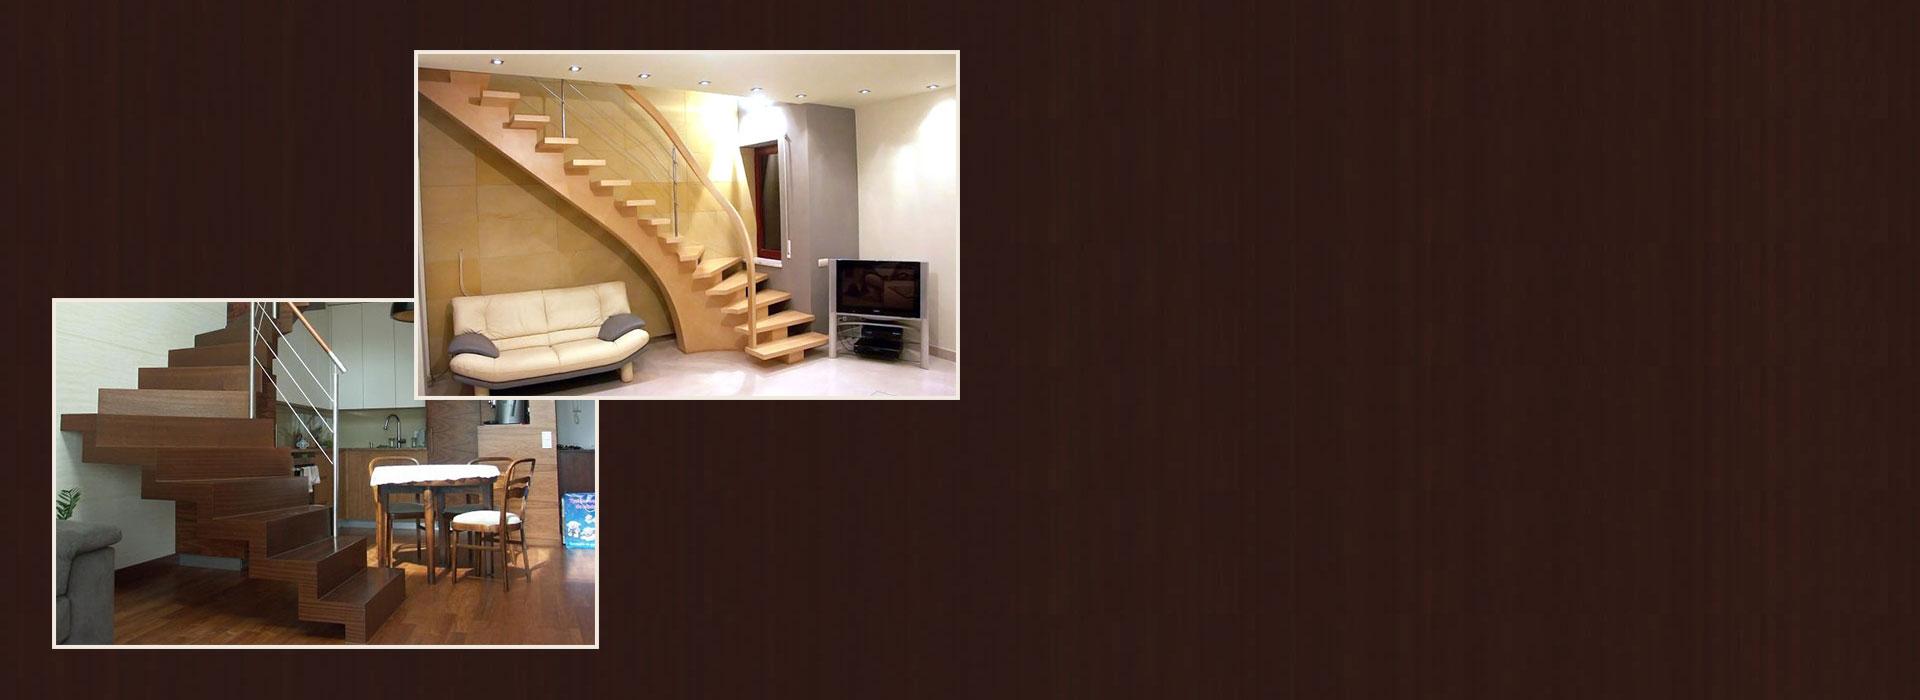 producent schodów Domański